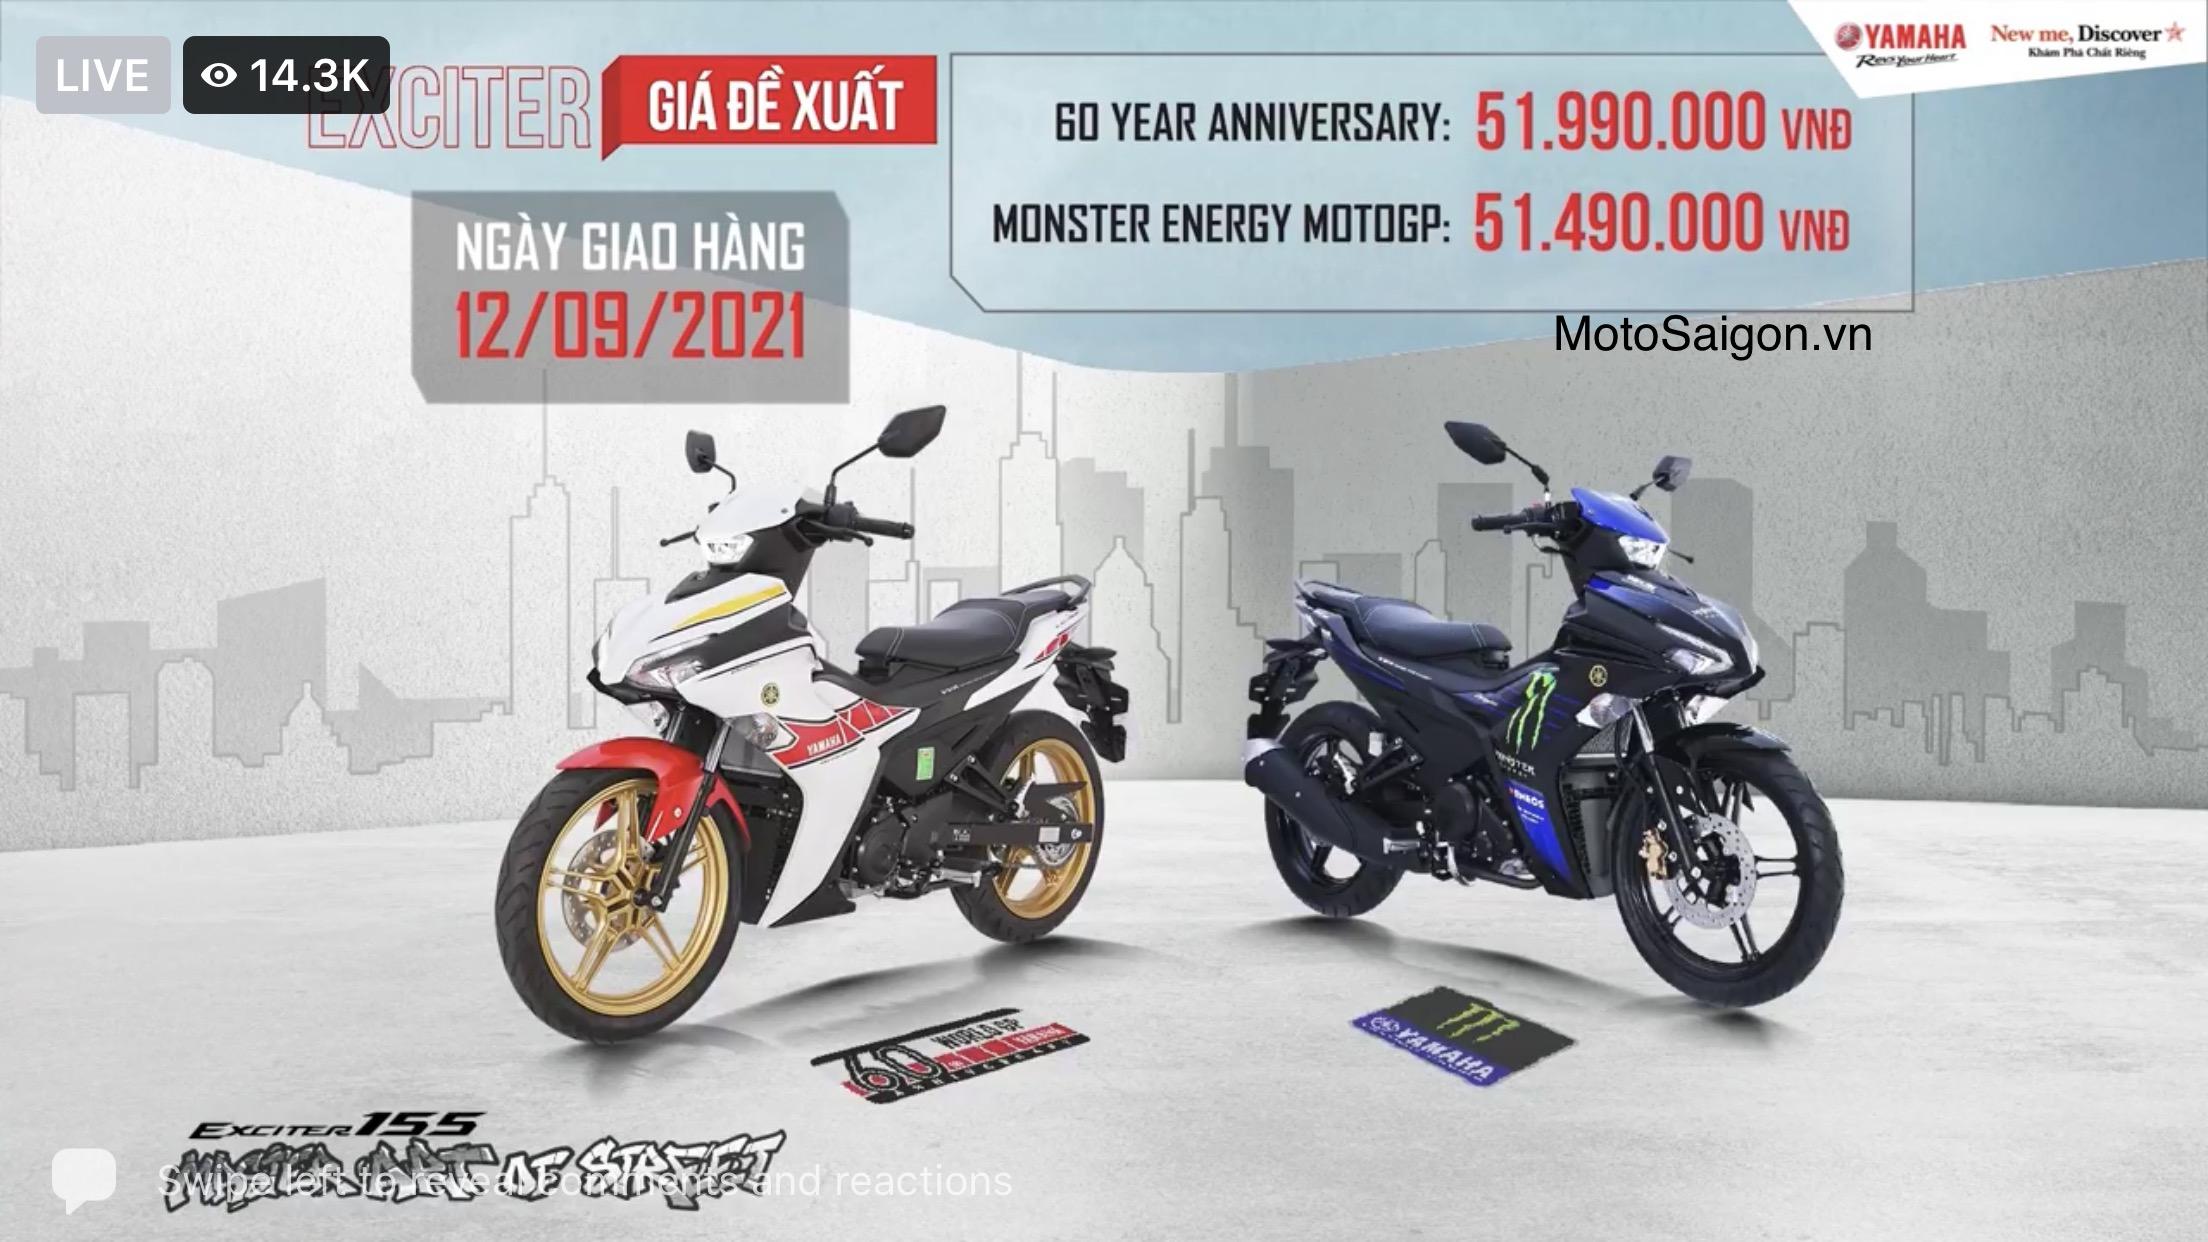 Giá xe Exciter 155 VVA kỹ niệm 60 năm 60th Anniversary và Exciter 155 Monster Energy